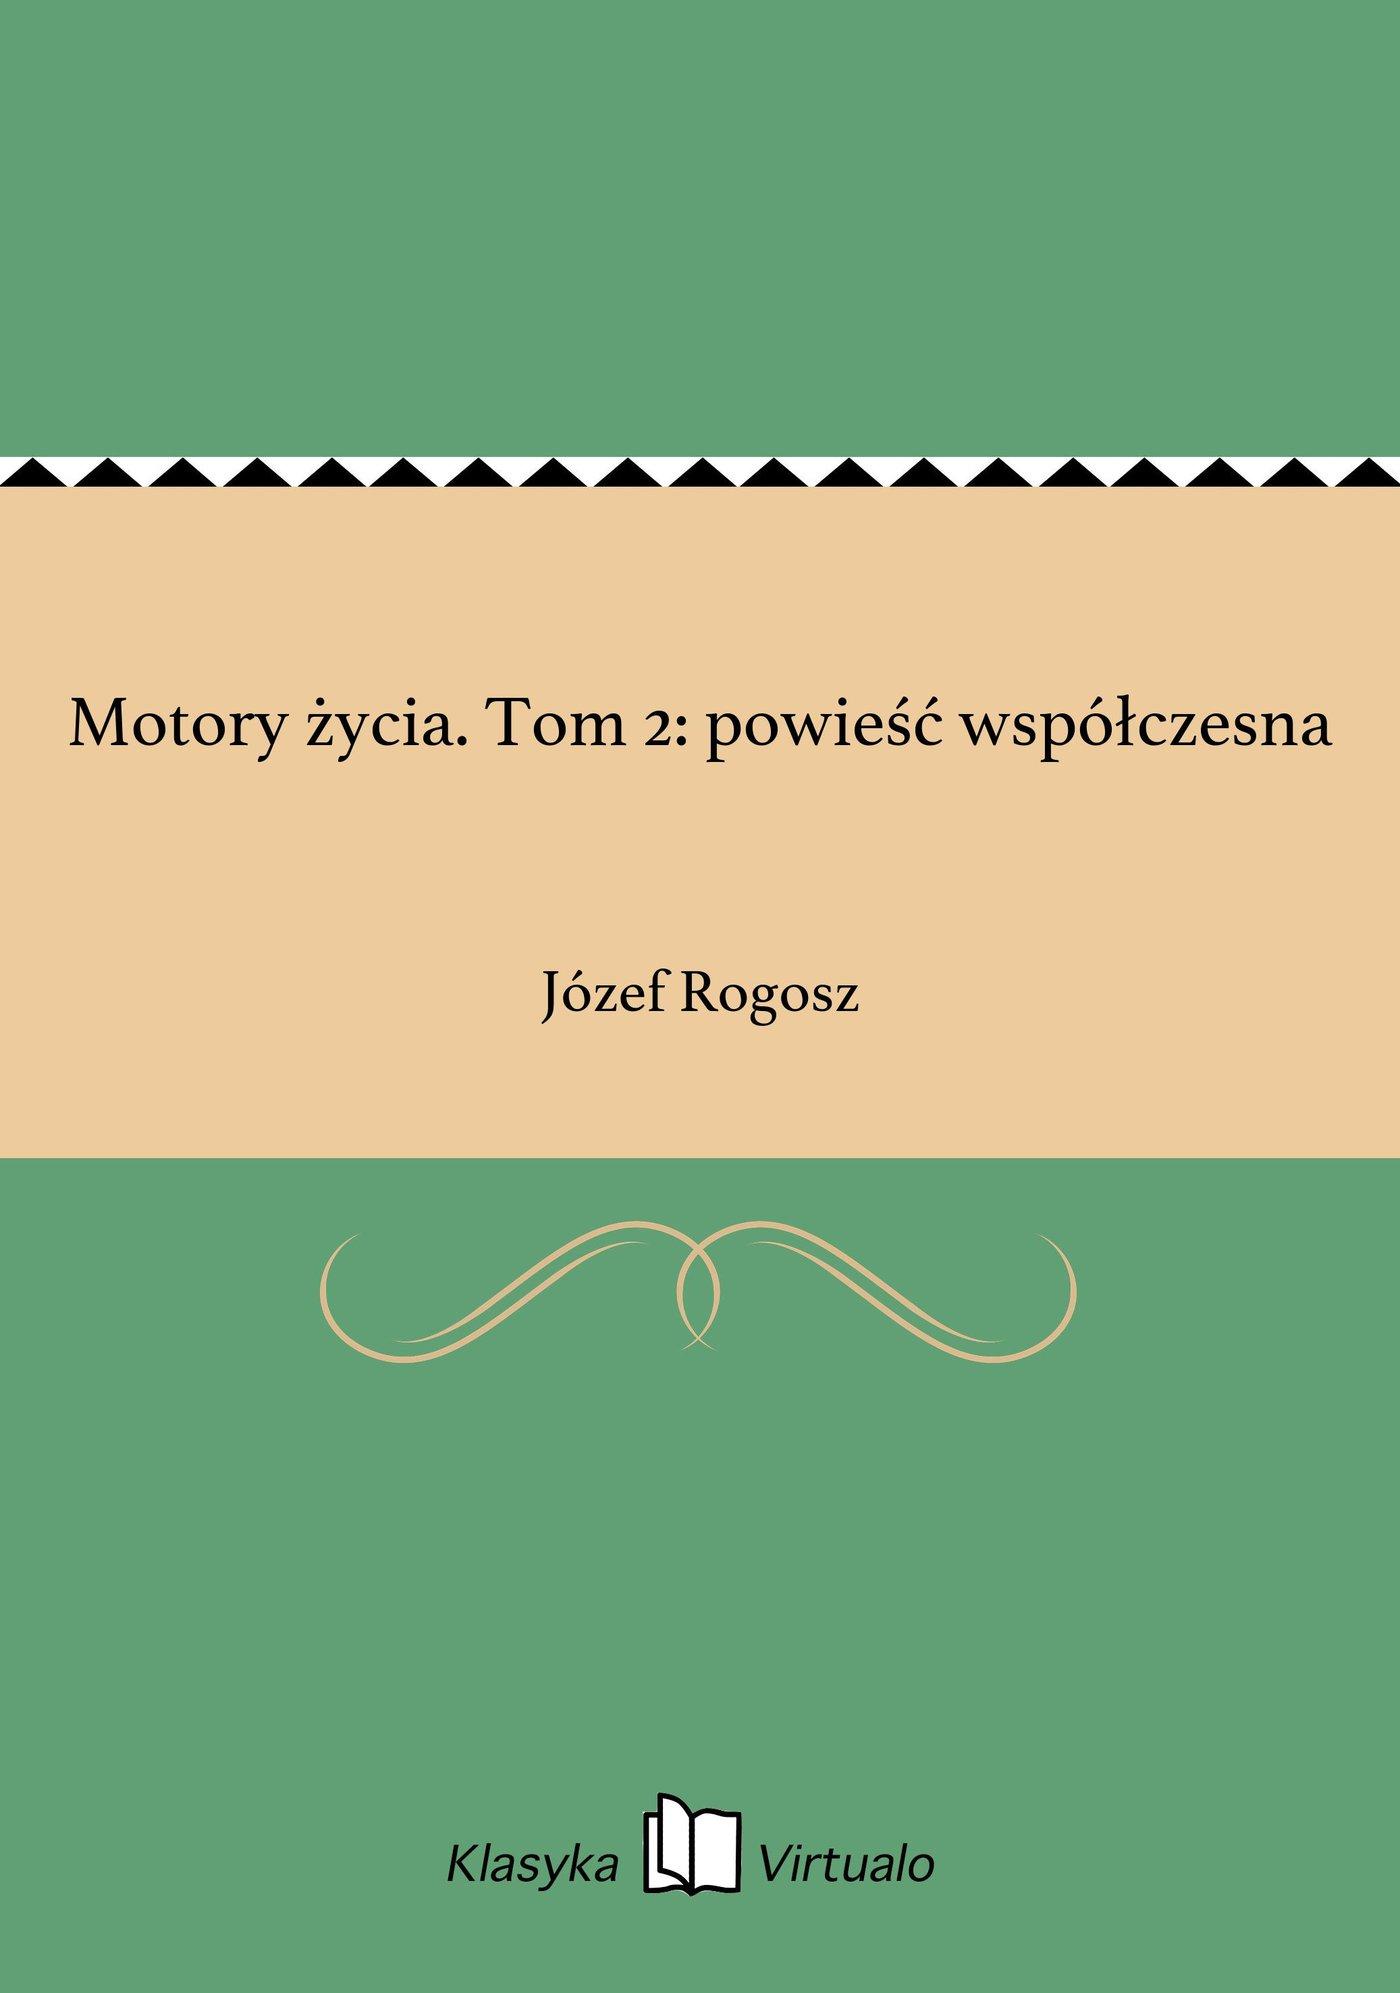 Motory życia. Tom 2: powieść współczesna - Ebook (Książka EPUB) do pobrania w formacie EPUB